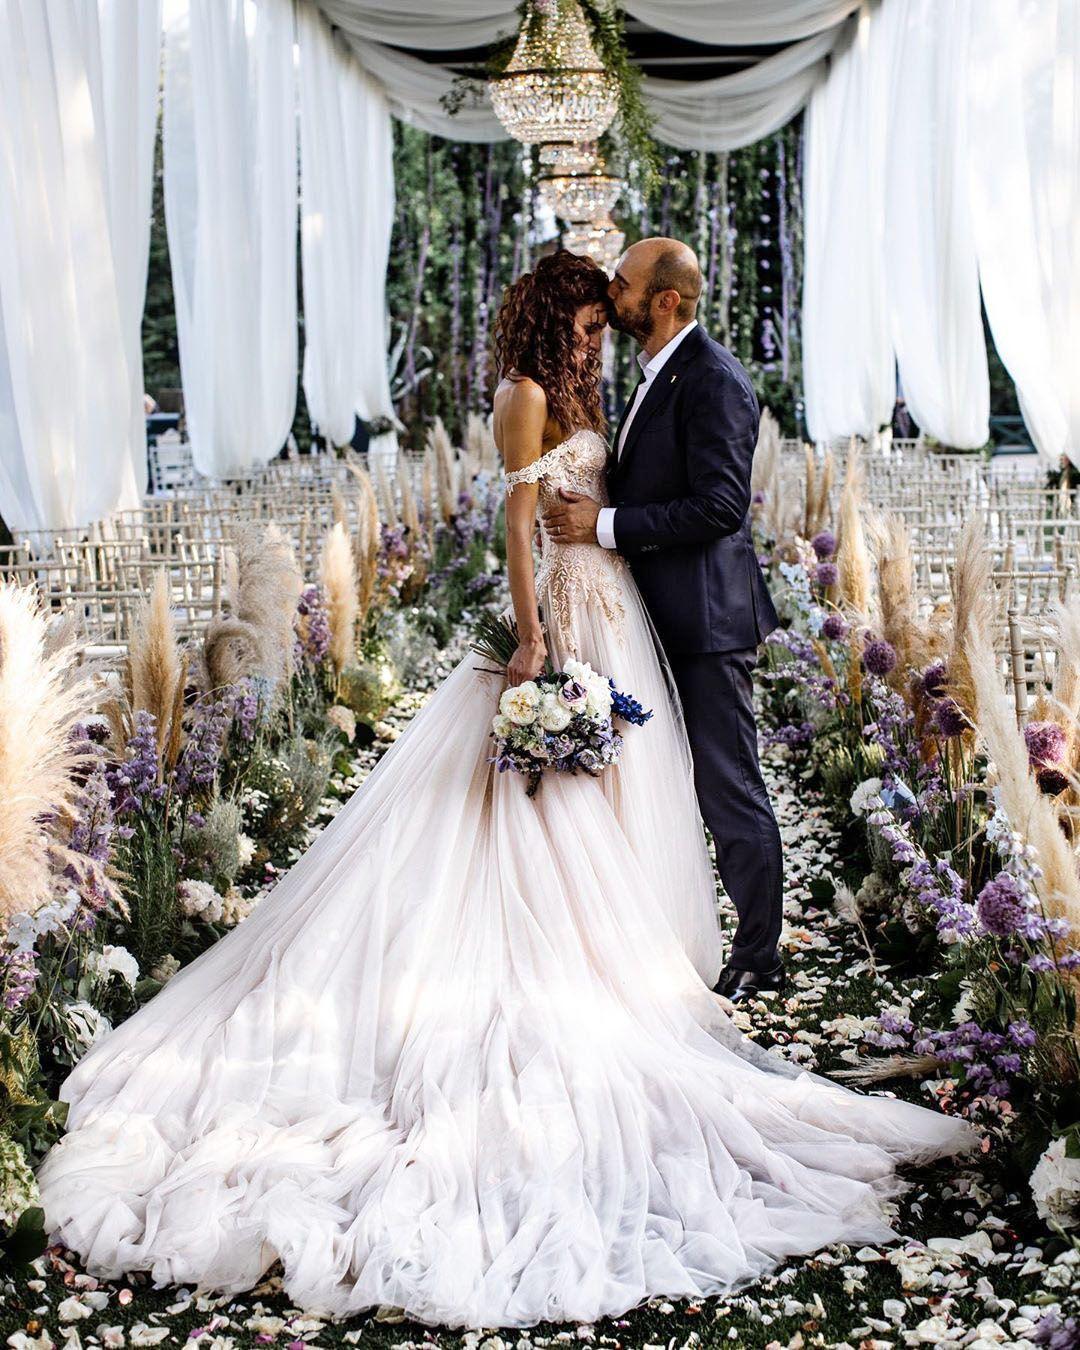 Paola Turani il giorno delle sue nozze